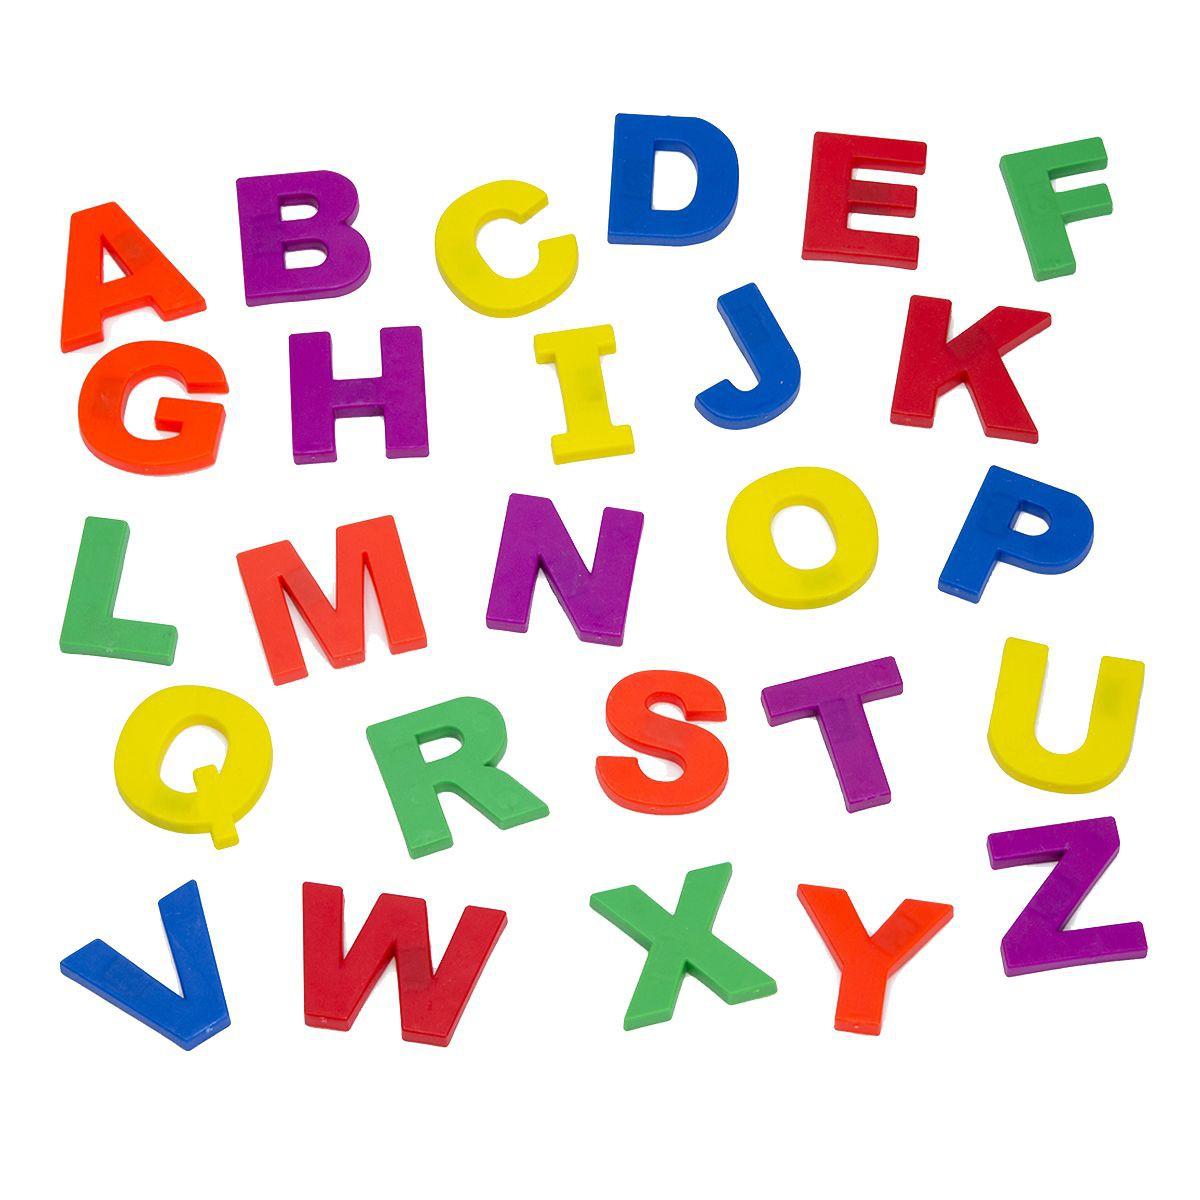 Cido Enfants Enfants Magnétique Lettre Dalphabet Numéro De dedans Jeux De Lettres Enfants